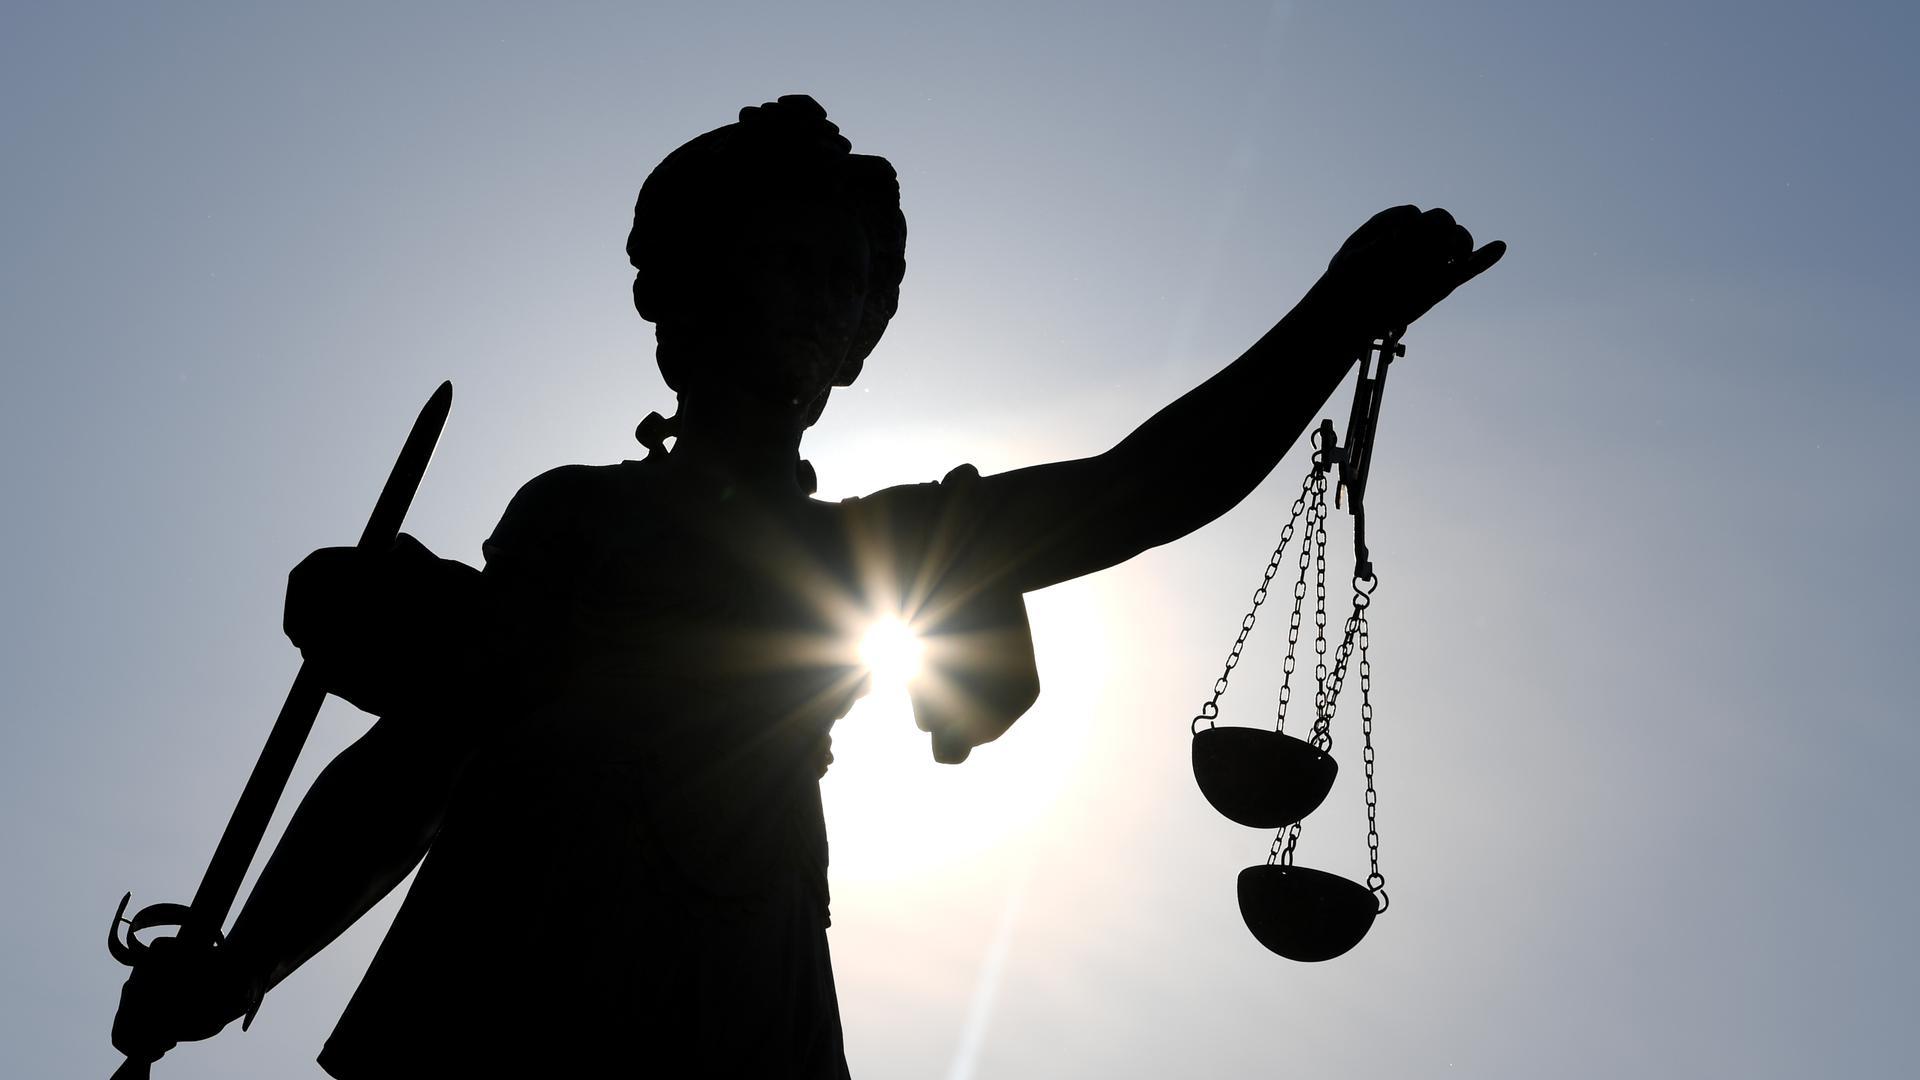 Anklage: Vor dem Karlsruher Landgericht muss sich ein junger Mann aus dem Kosovo für den Tod eines 19-Jährigen verantworten. Die Staatsanwaltschaft wirft ihm Totschlag vor - begangen mit fünf heftigen Messerstichen.